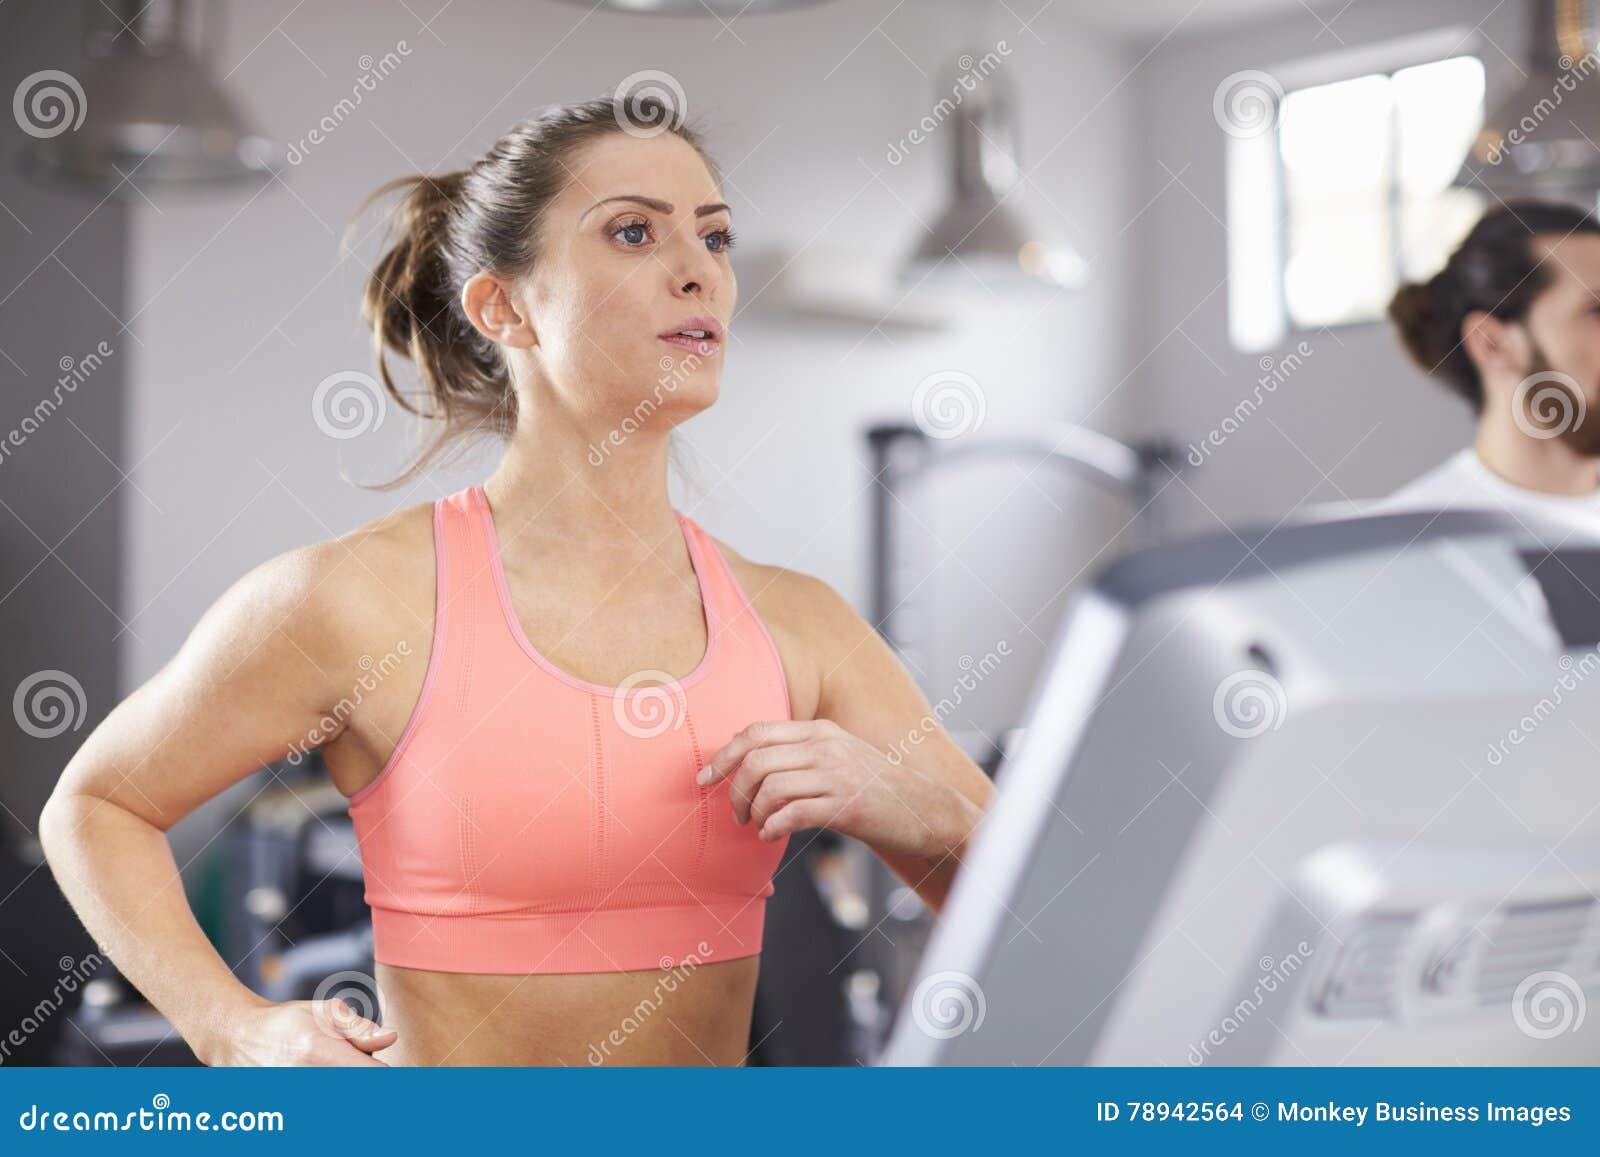 Busty women running on treadmills-8540